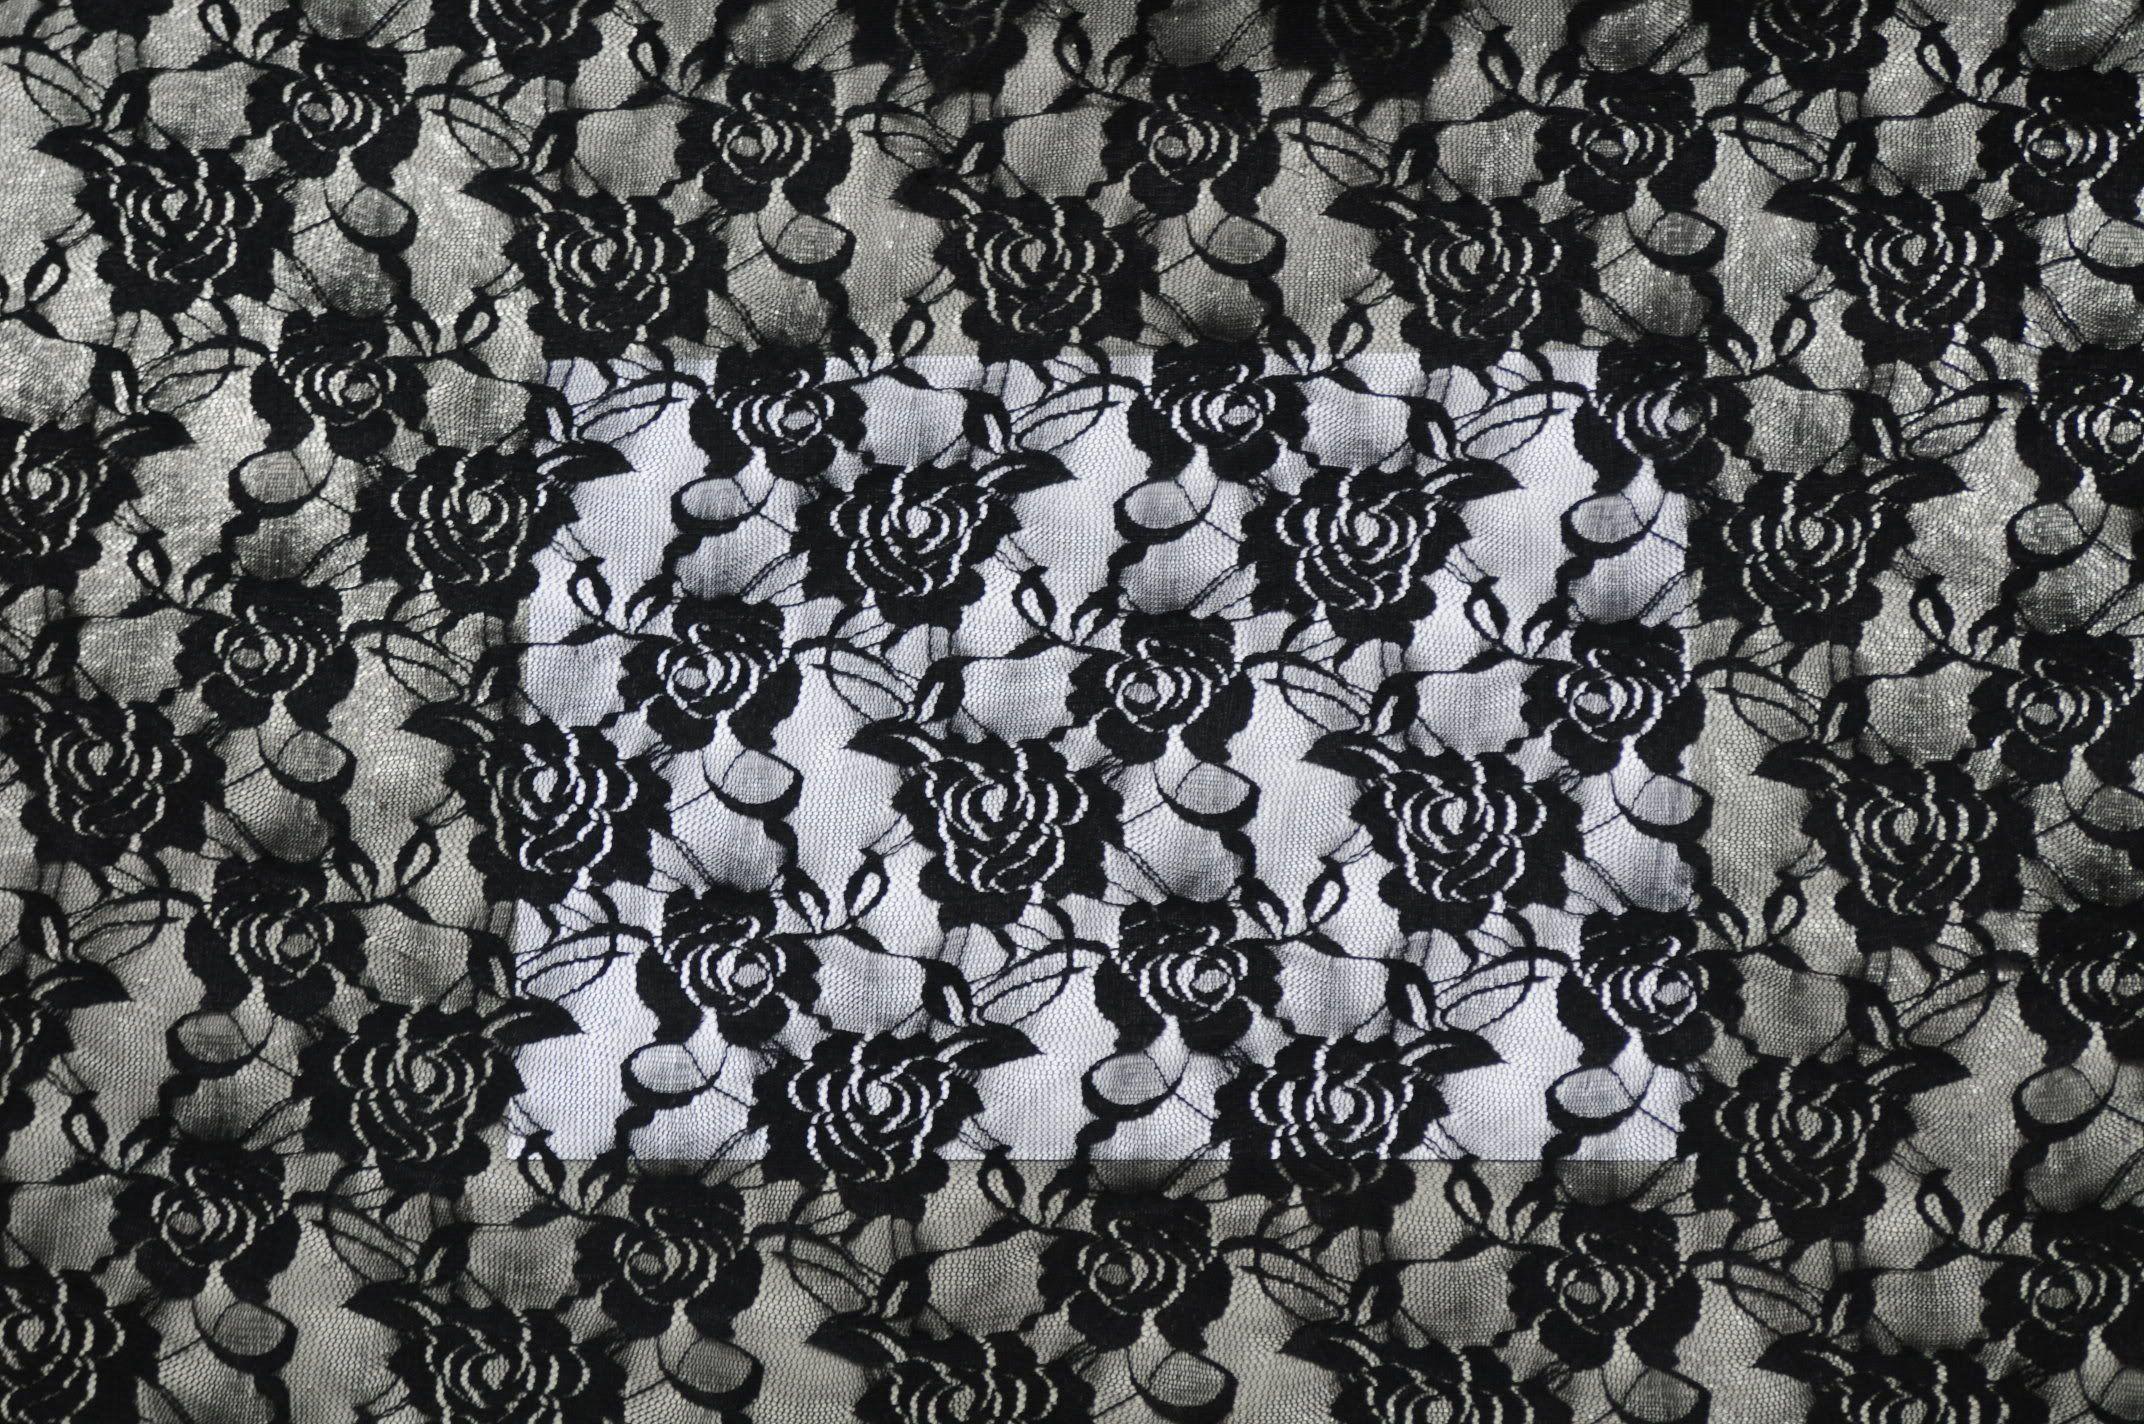 black lace large black lace fabric bonnie phantasm spoonflow